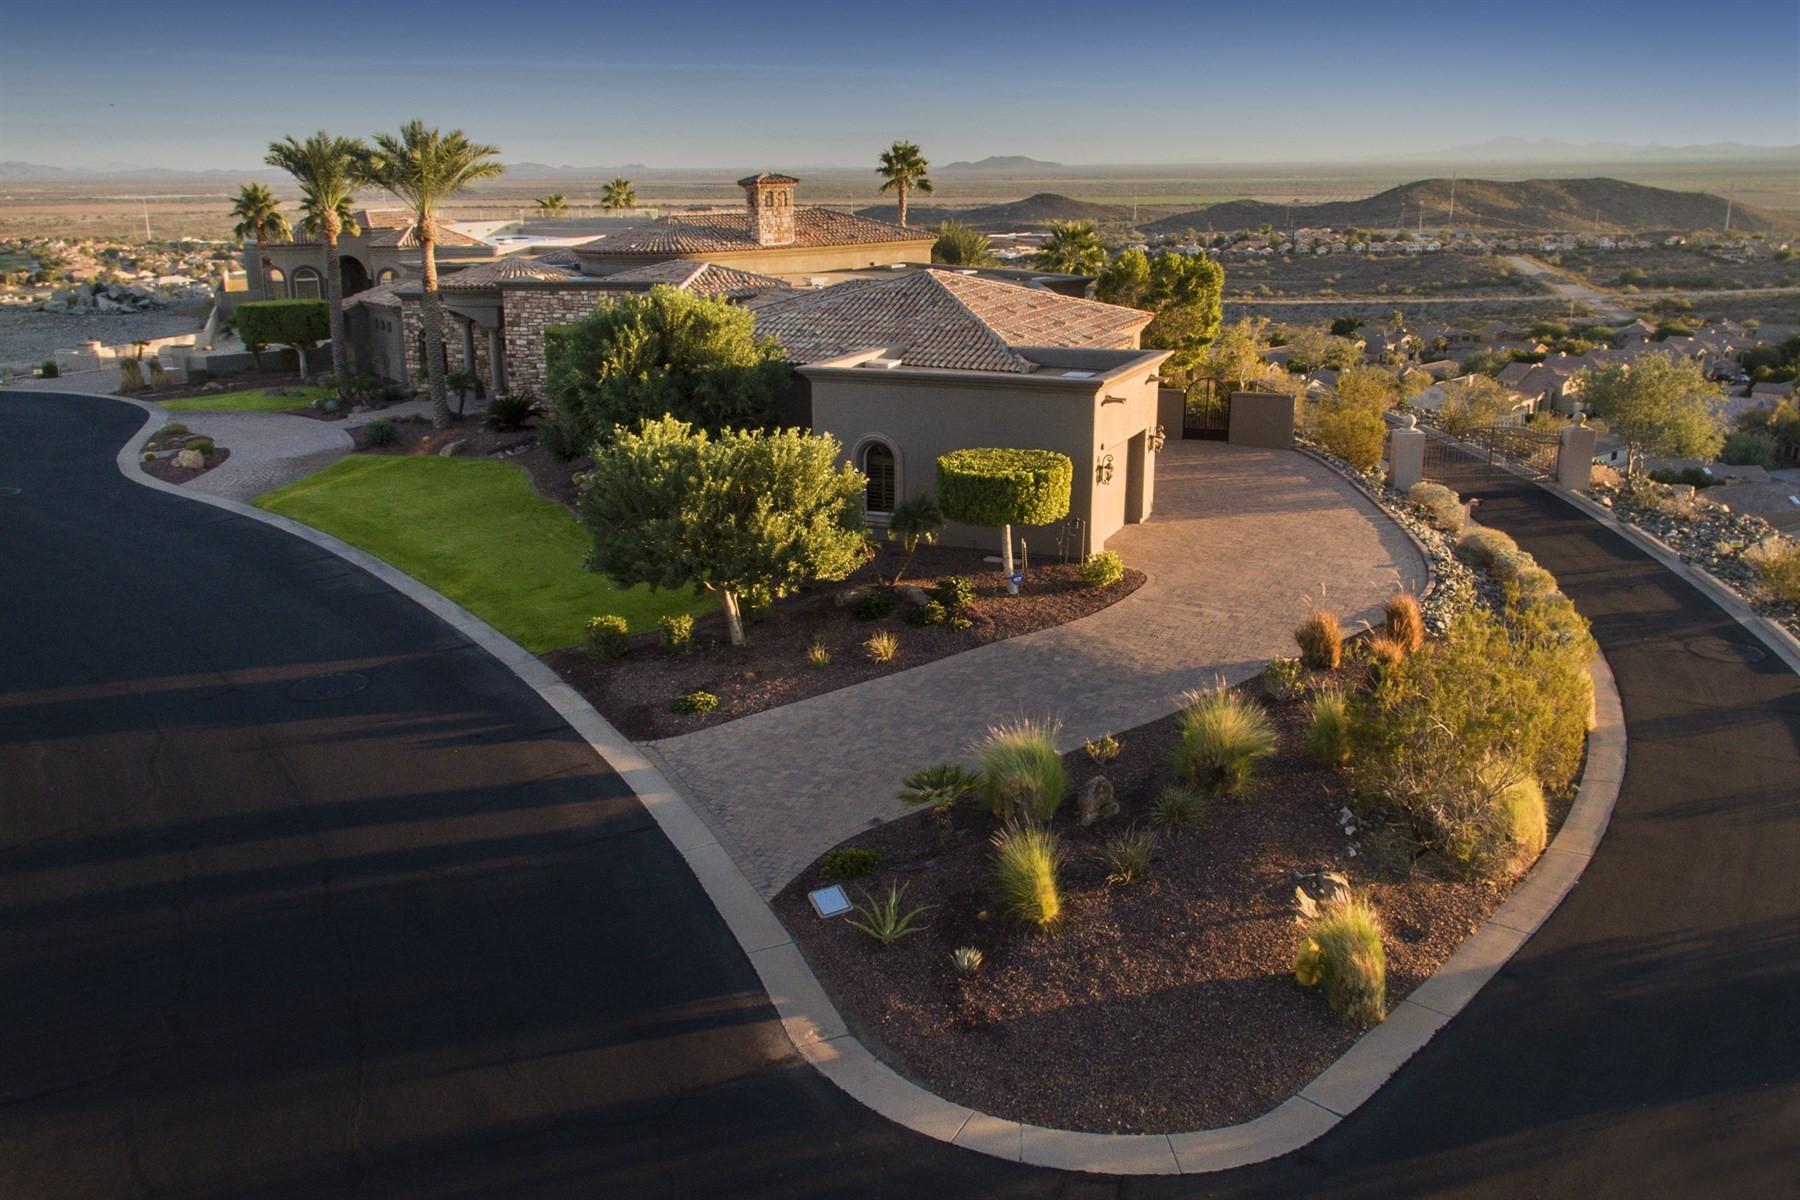 独户住宅 为 销售 在 Eagle Ridge Estates 15808 S 7th St 菲尼克斯(凤凰城), 亚利桑那州, 85048 美国